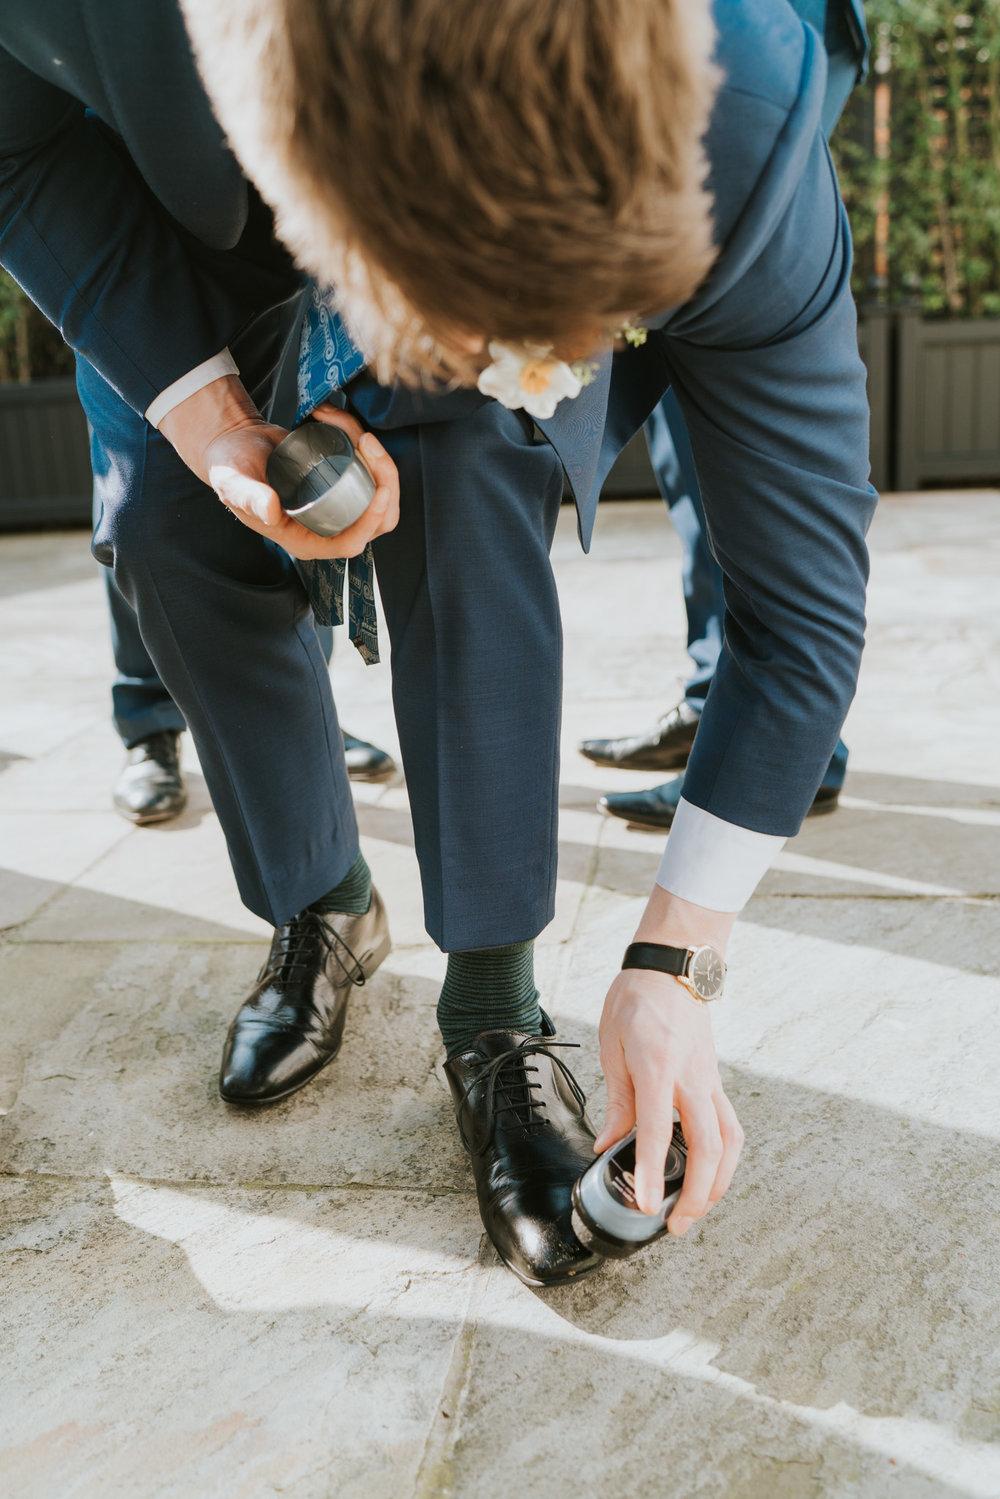 Will-Rhiannon-Art-Deco-Alterative-Essex-Wedding-Suffolk-Grace-Elizabeth-18.jpg